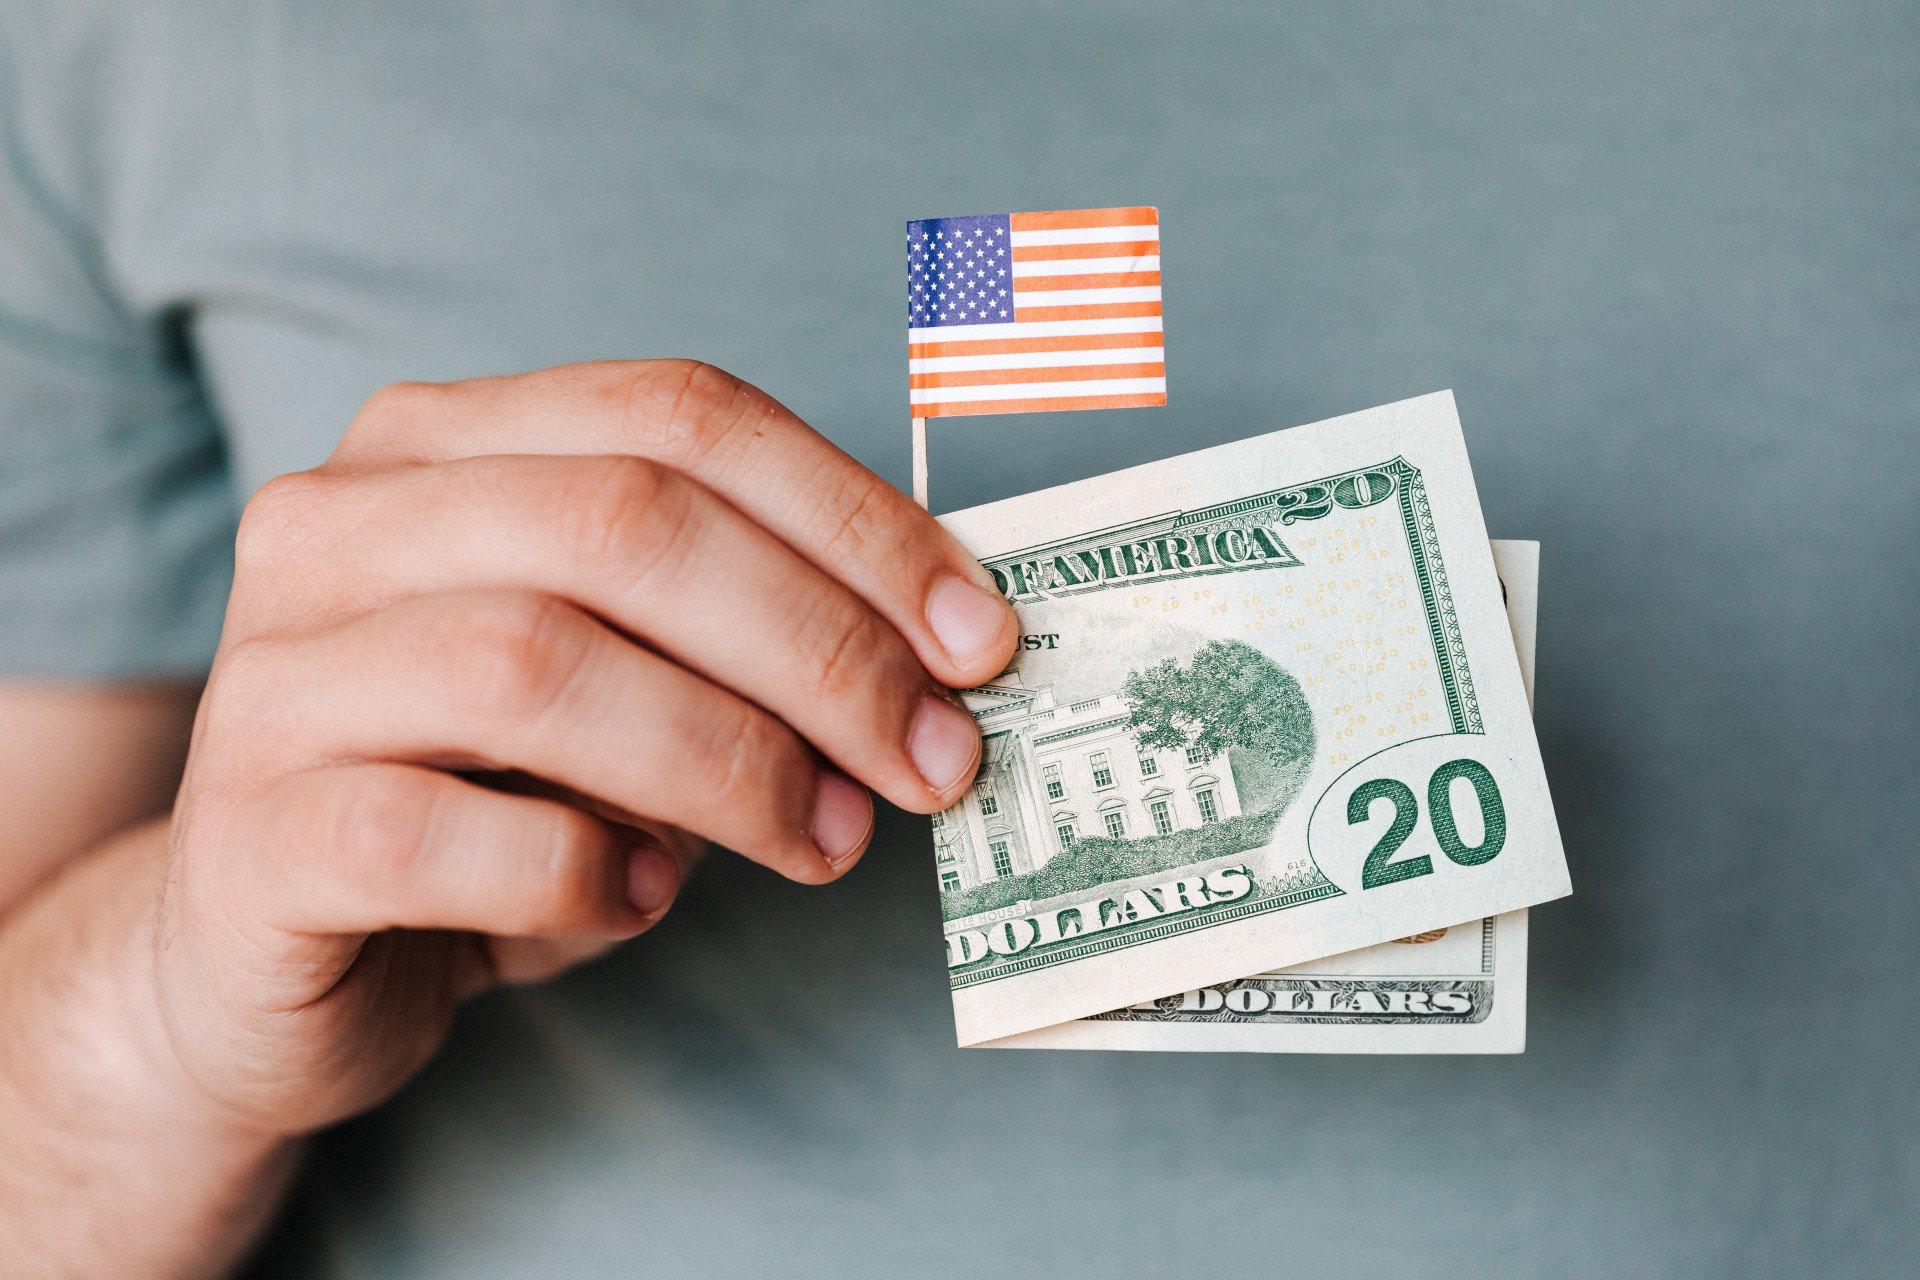 Les cartes bancaires multidevises Revolut et Akt.io 36